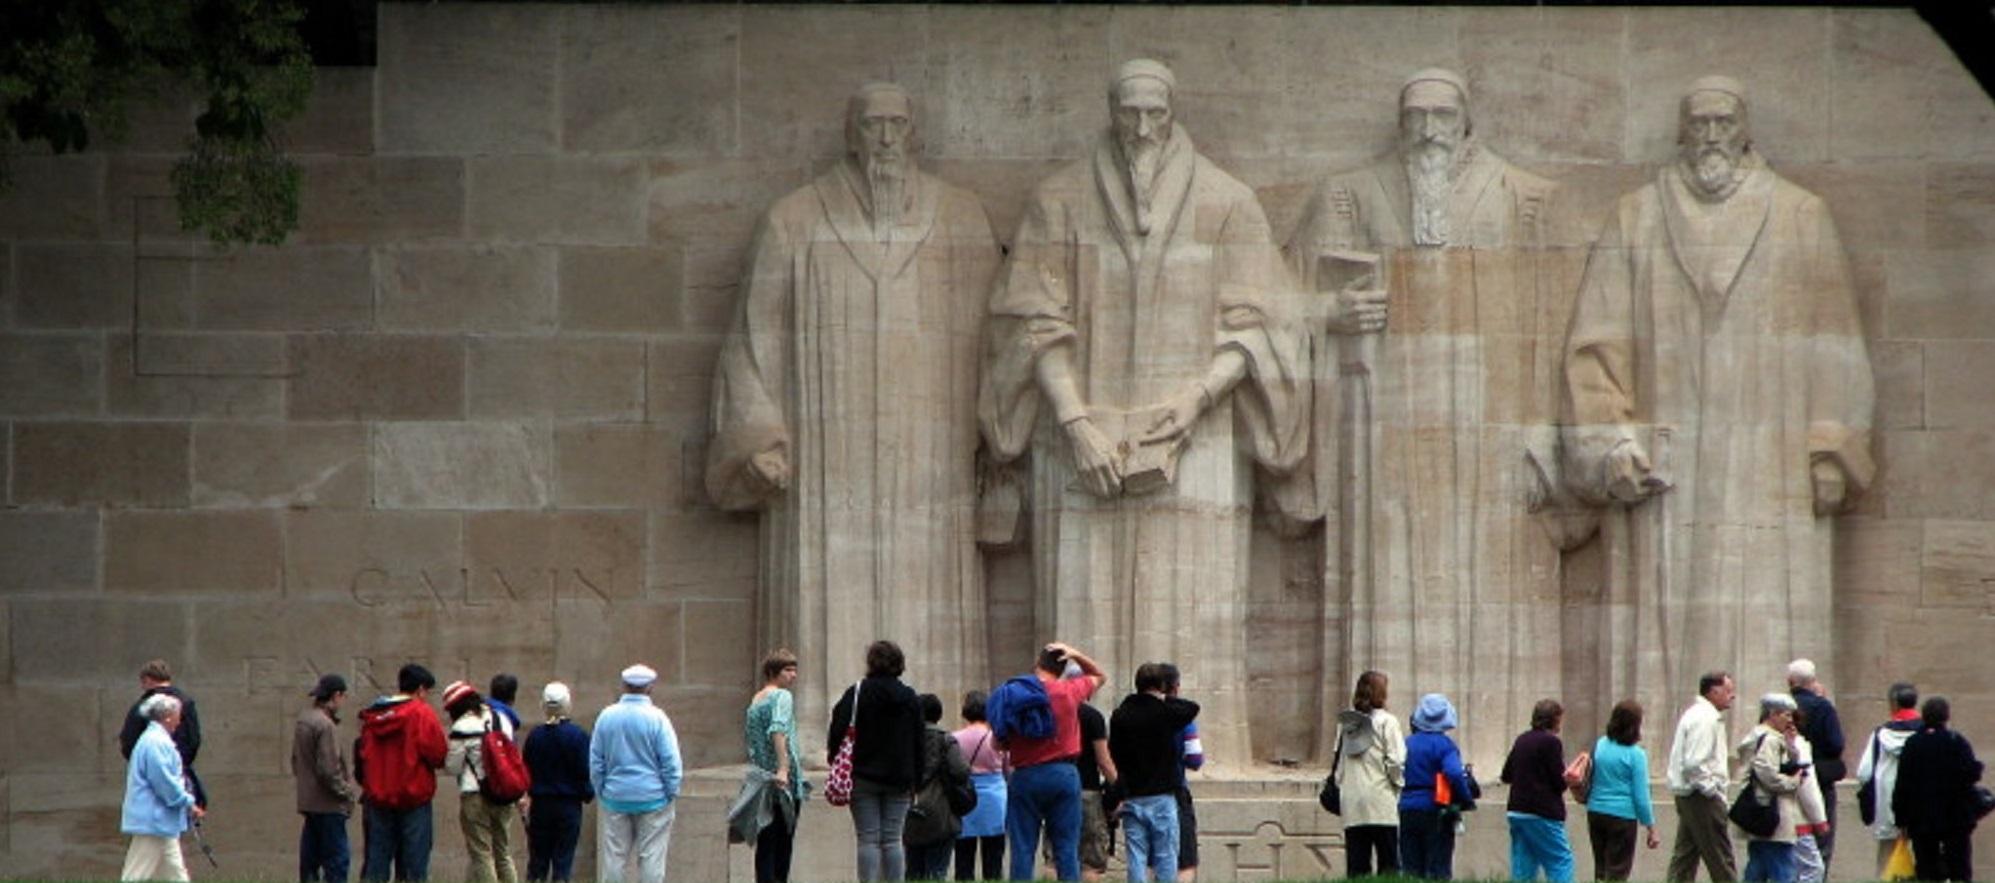 Suisse, Genève, Monument de la Réformation